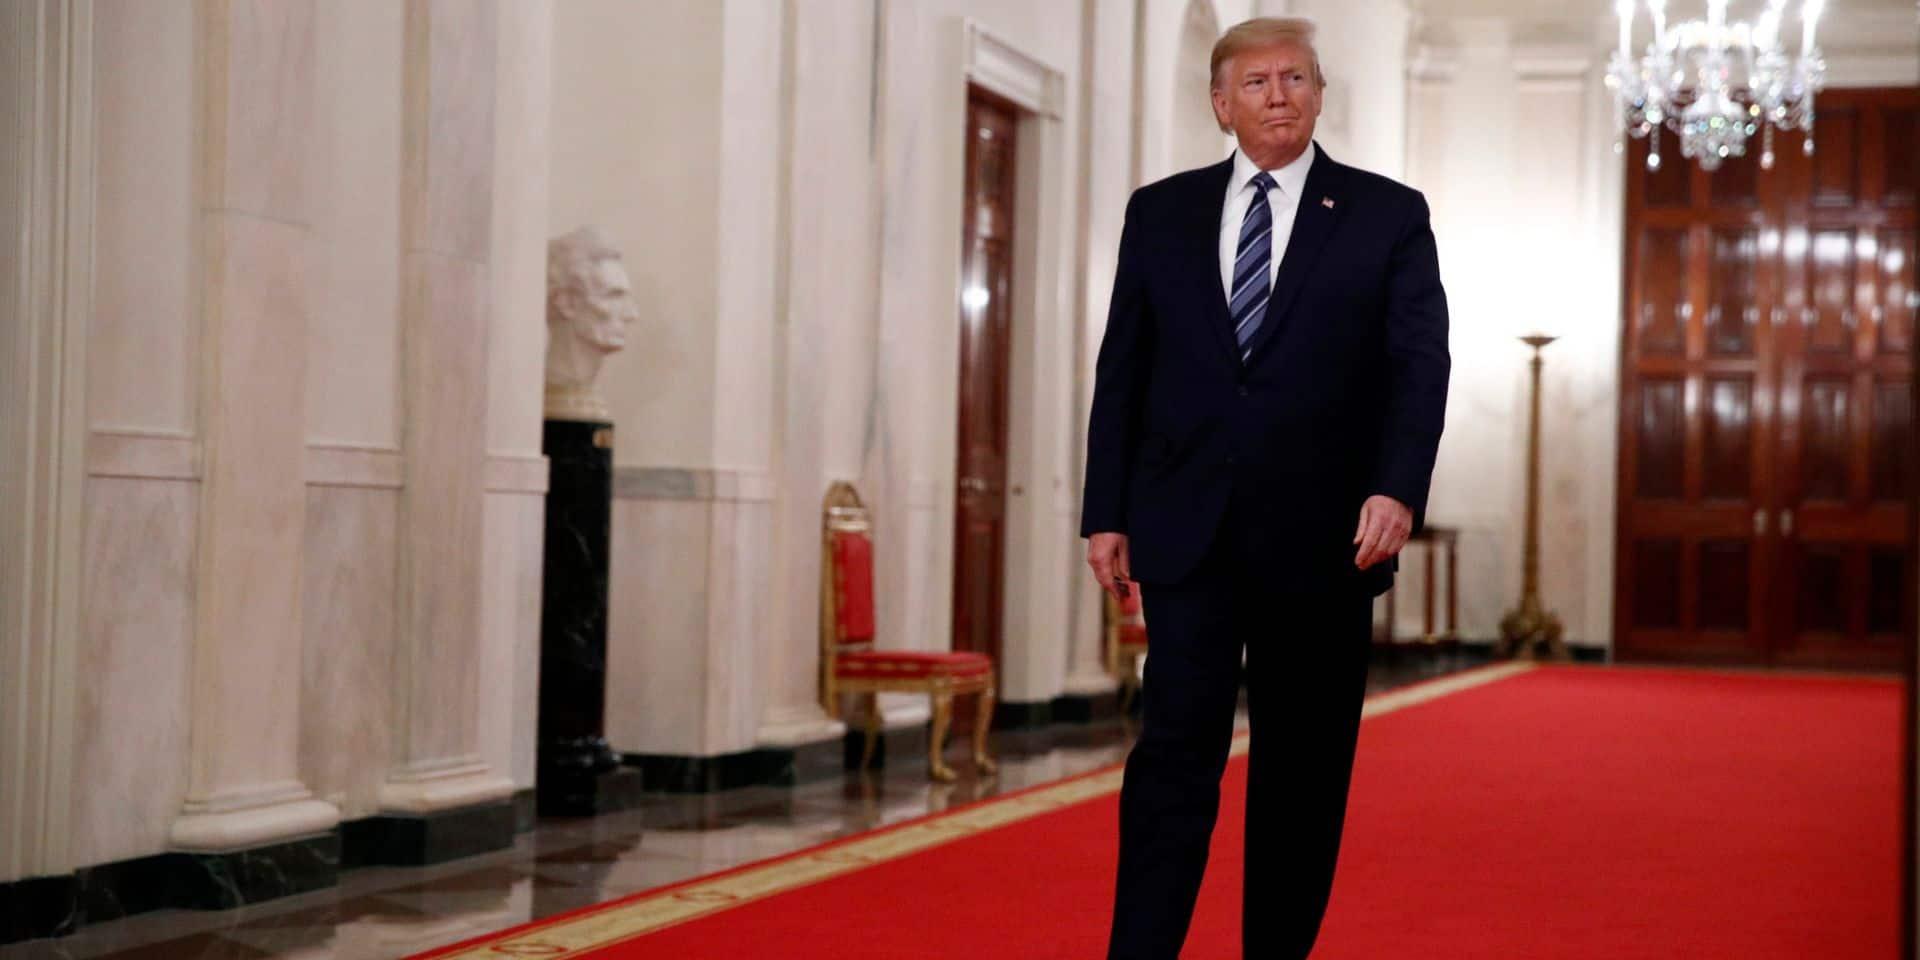 Destitution de Trump: un livre révèle qu'un proche du président aurait oeuvré dans l'ombre pour le faire tomber